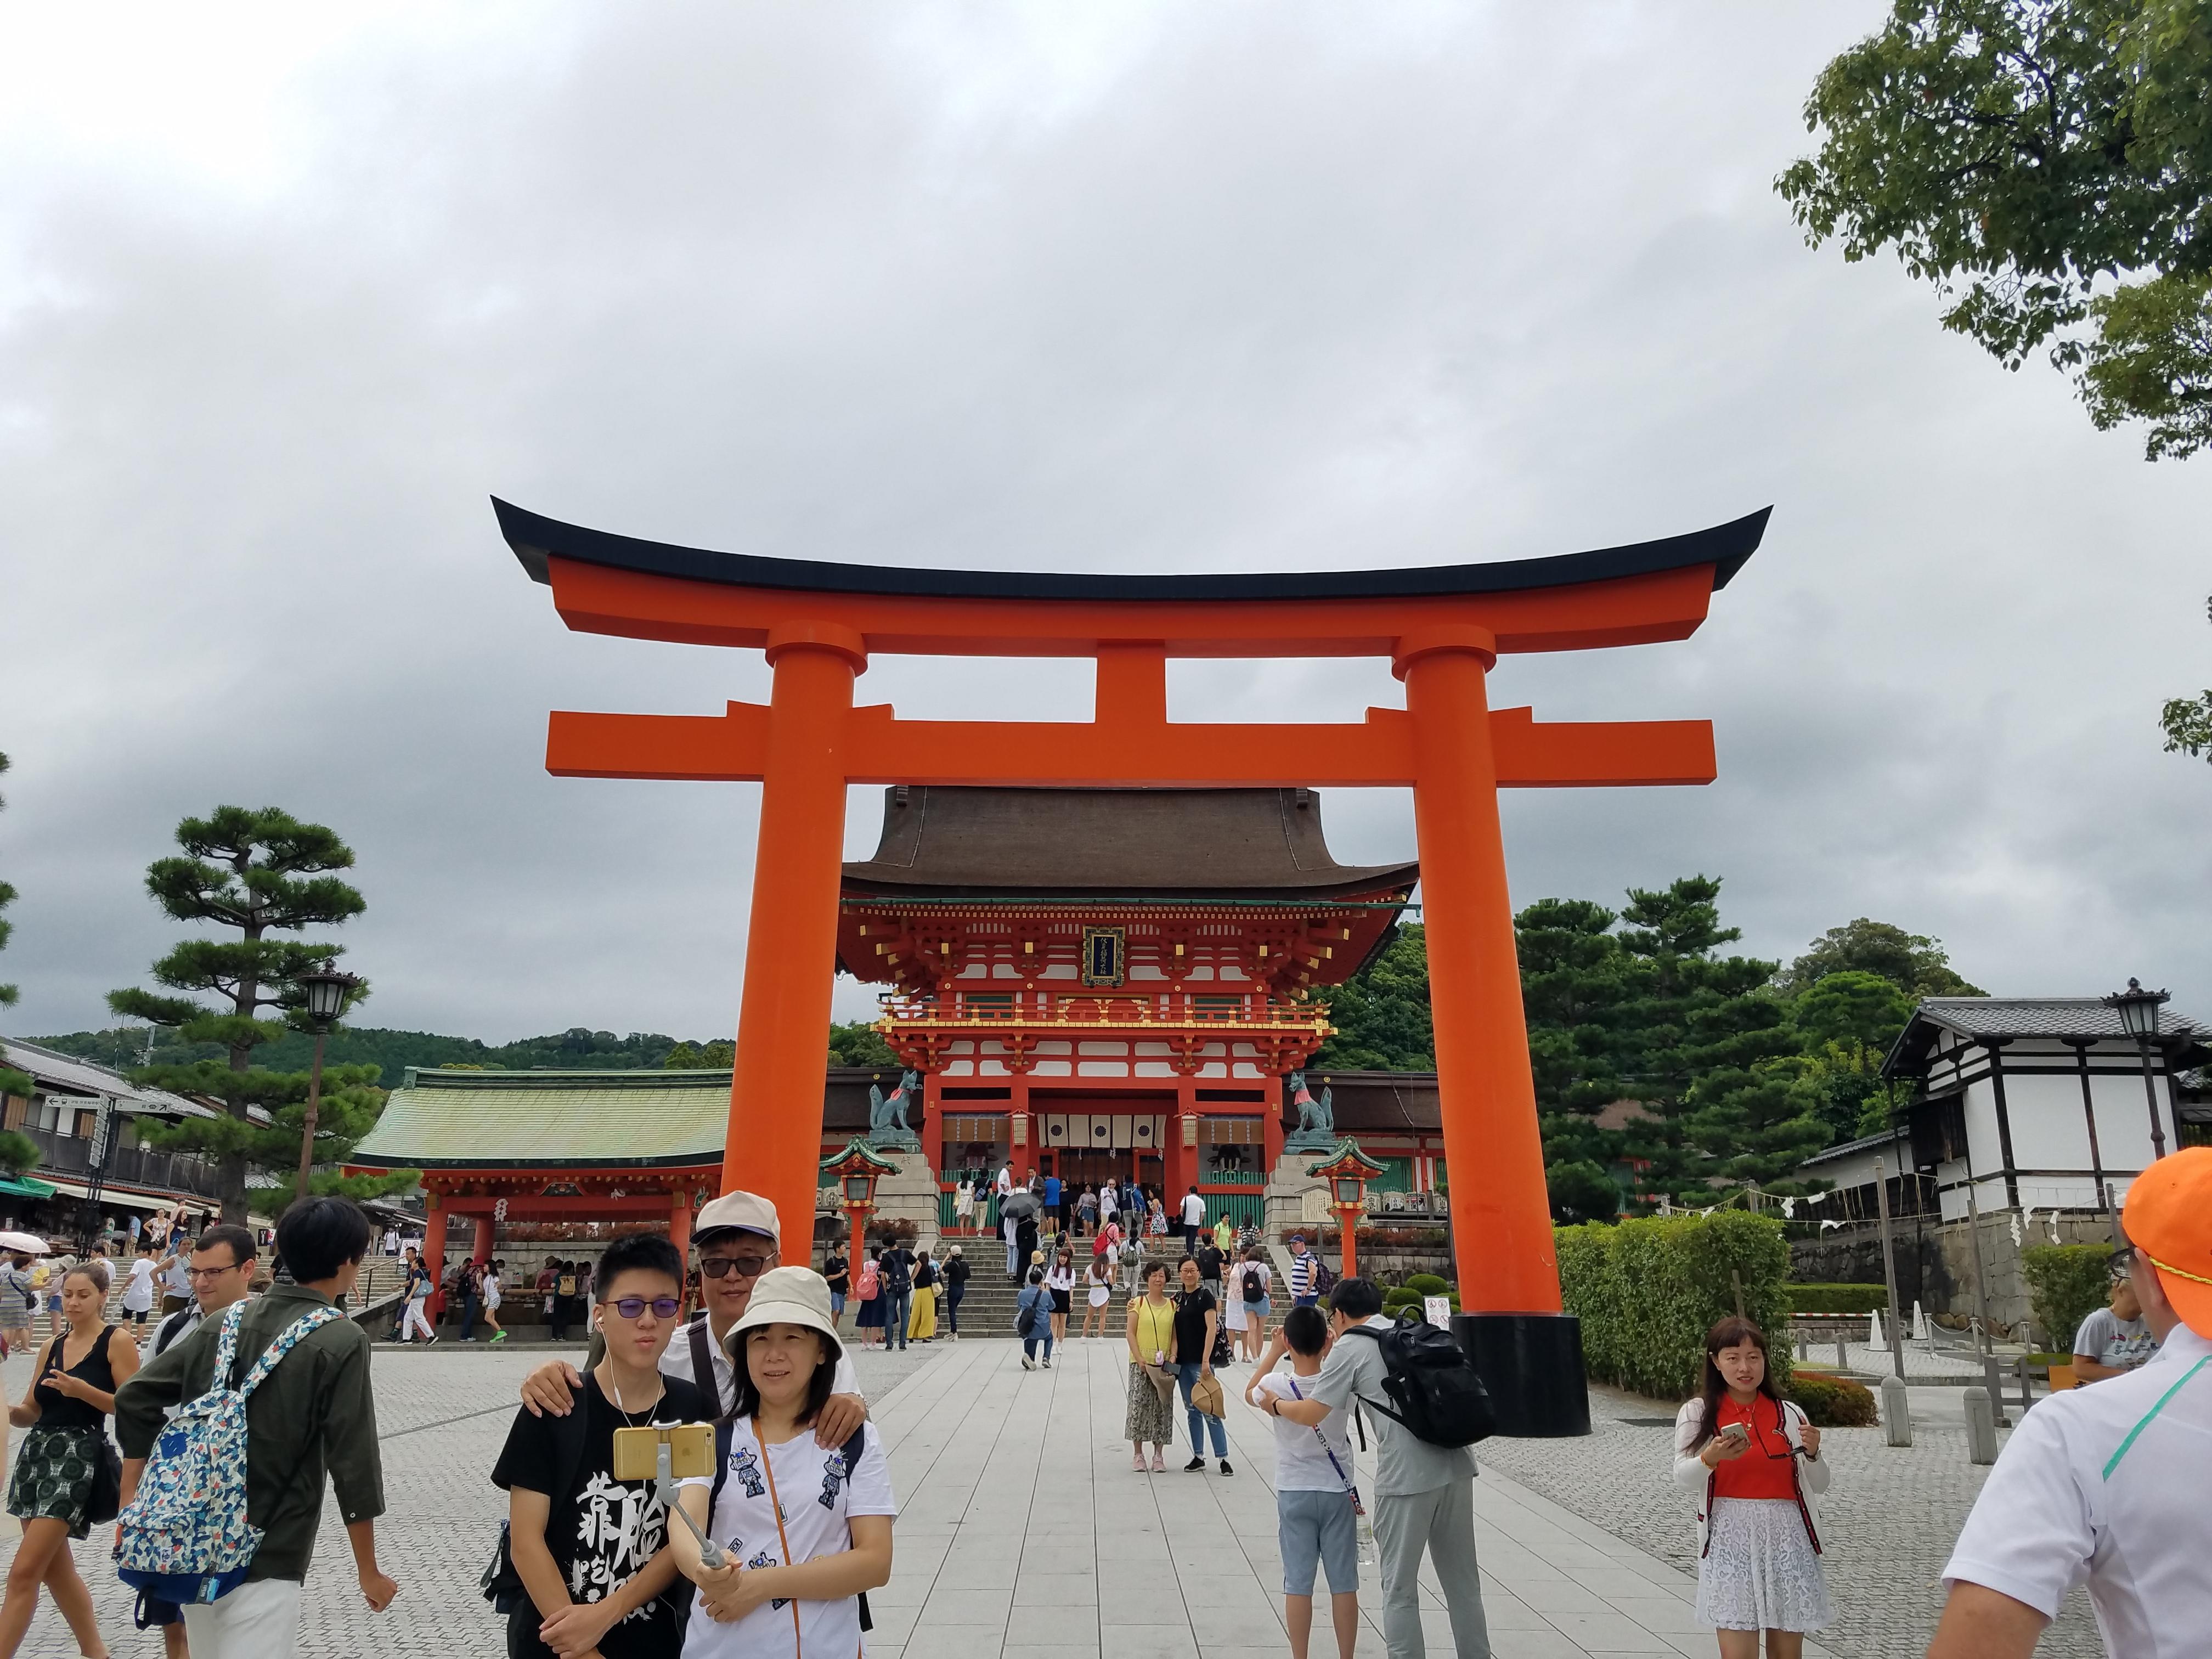 Fushimi Inari - Two Second Street - www.twosecondstreet.com